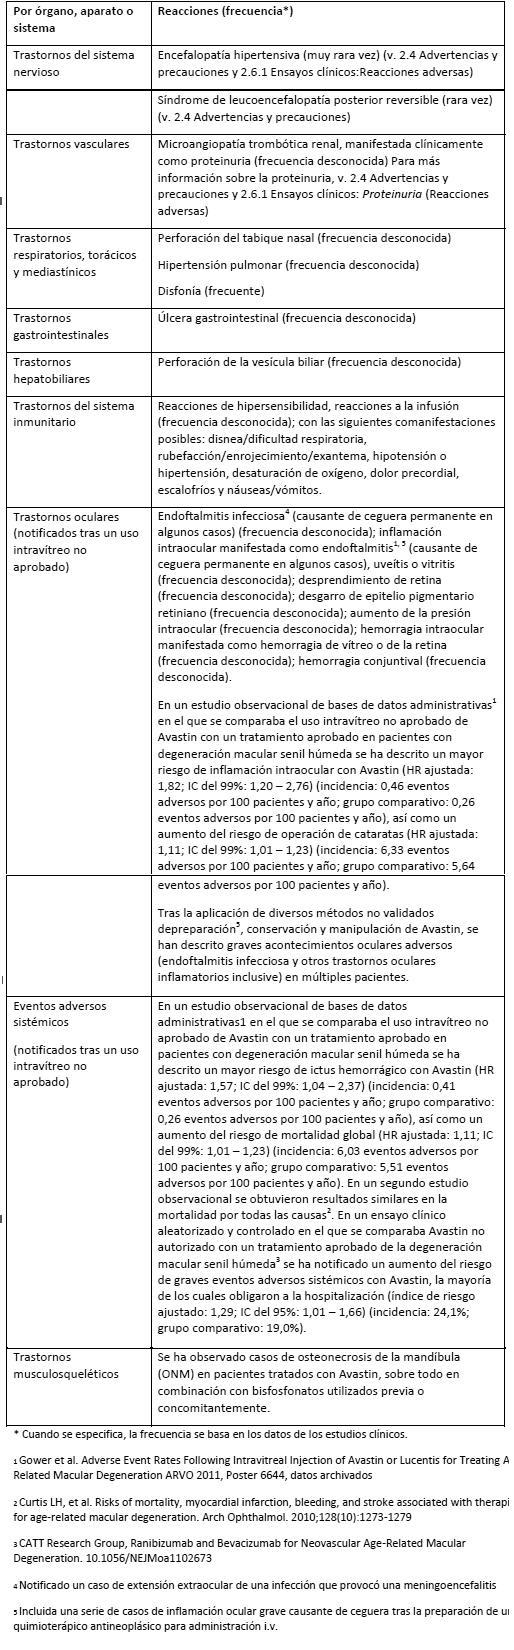 Mecanismo de acción de hipertensión de bevacizumab